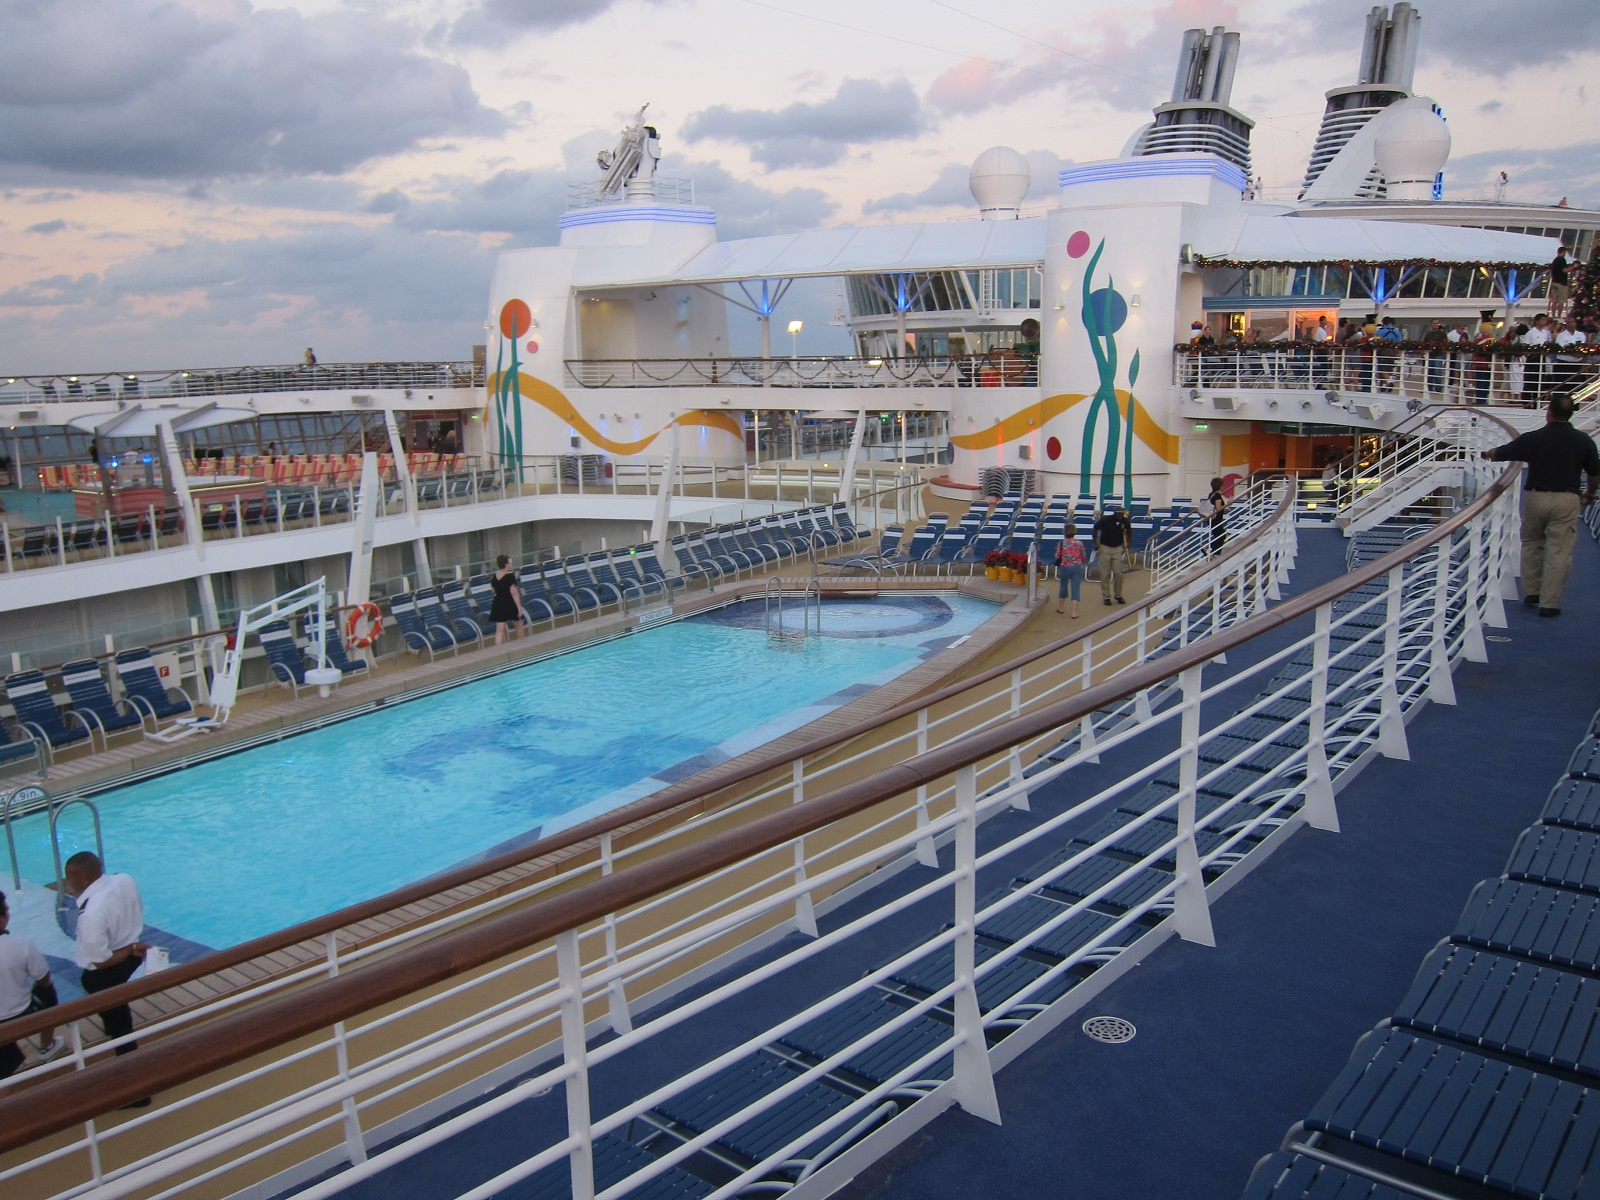 Allure Of The Seas Pool On Deck 2